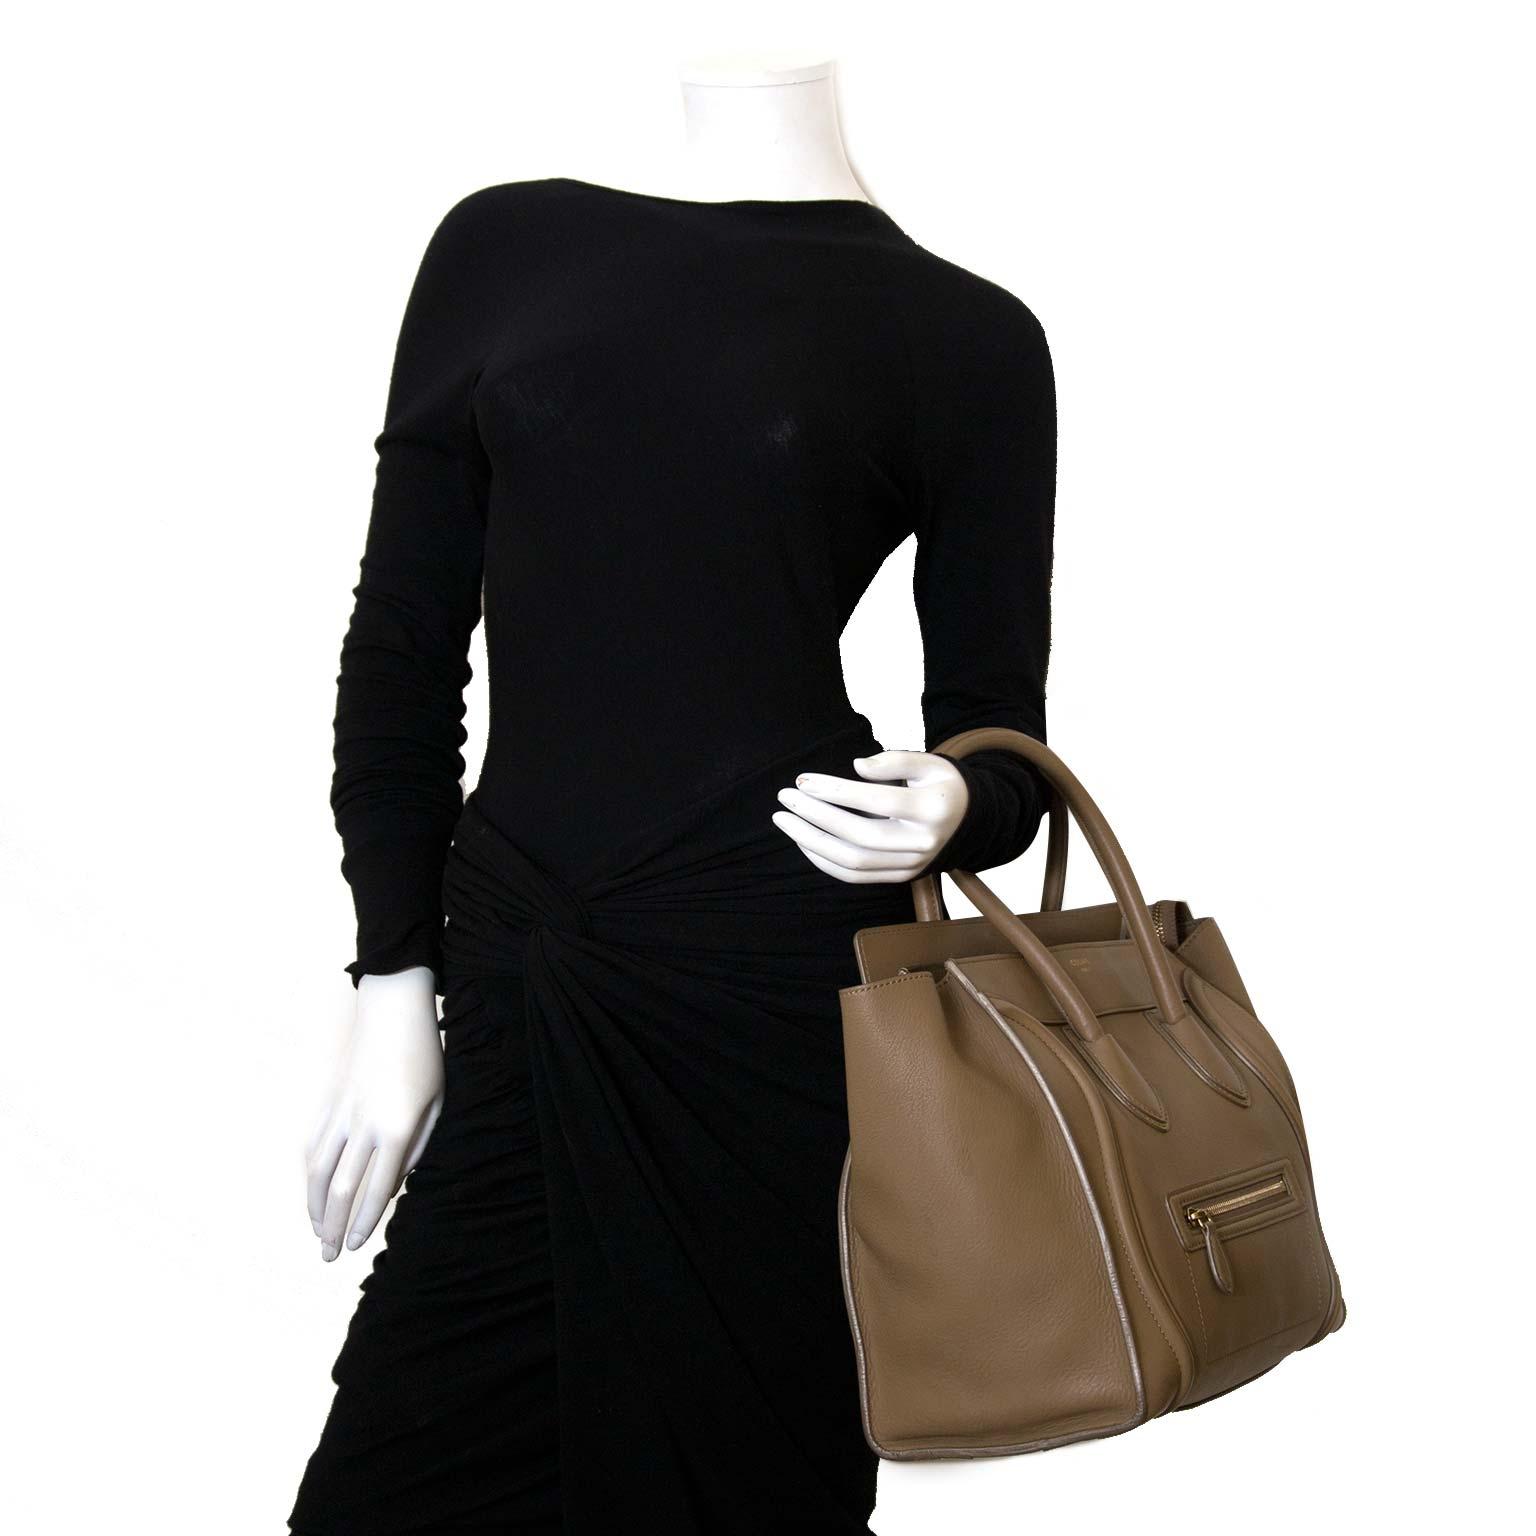 achète des sacs authéntiques de céline phantom à labellov vintage webshop de mode